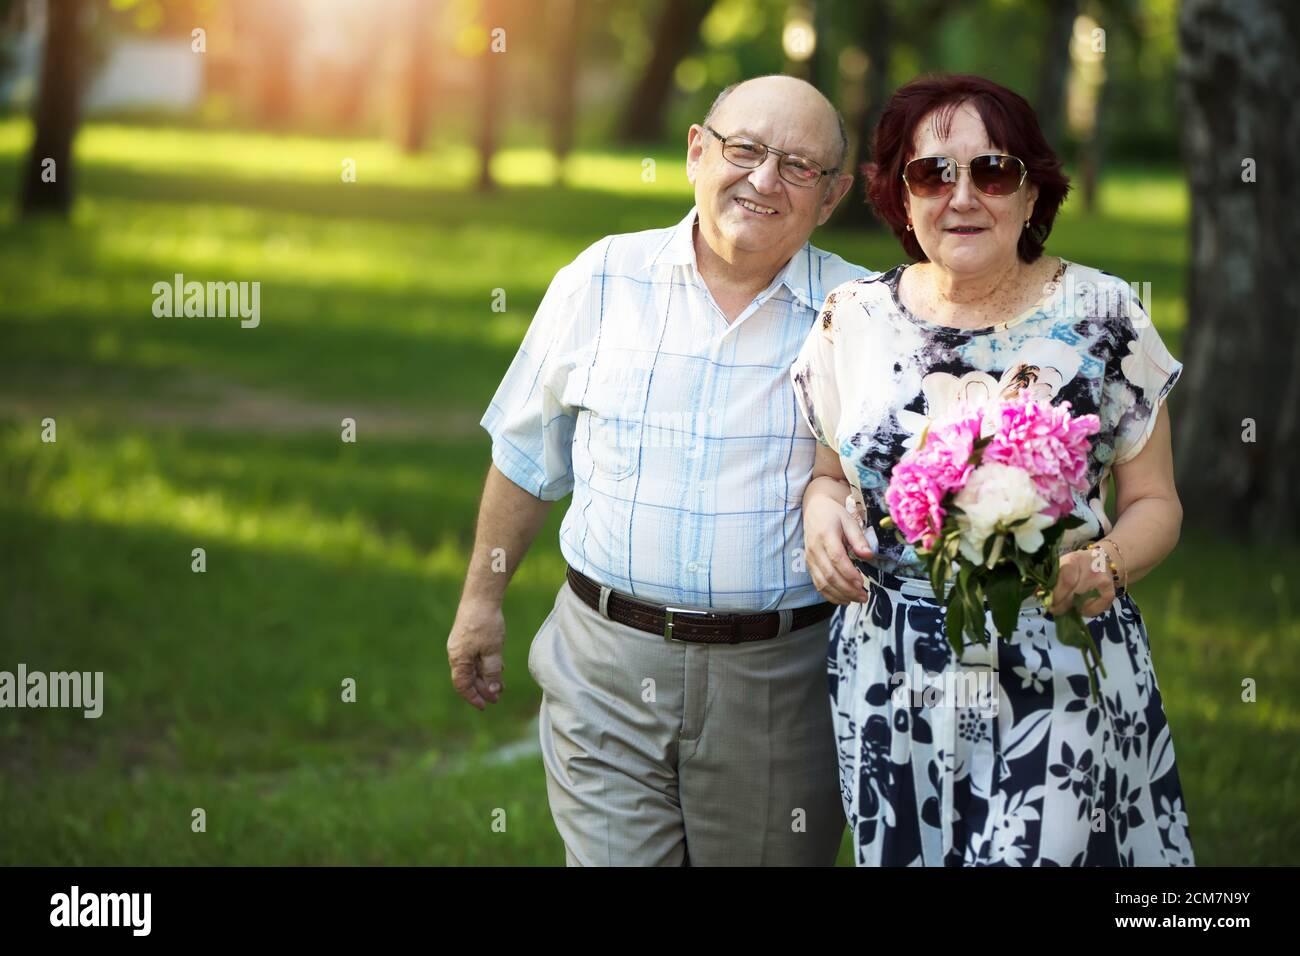 Feliz pareja de ancianos. Guapo hombre y mujer ancianos. Marido y mujer de edad avanzada para un paseo. Foto de stock